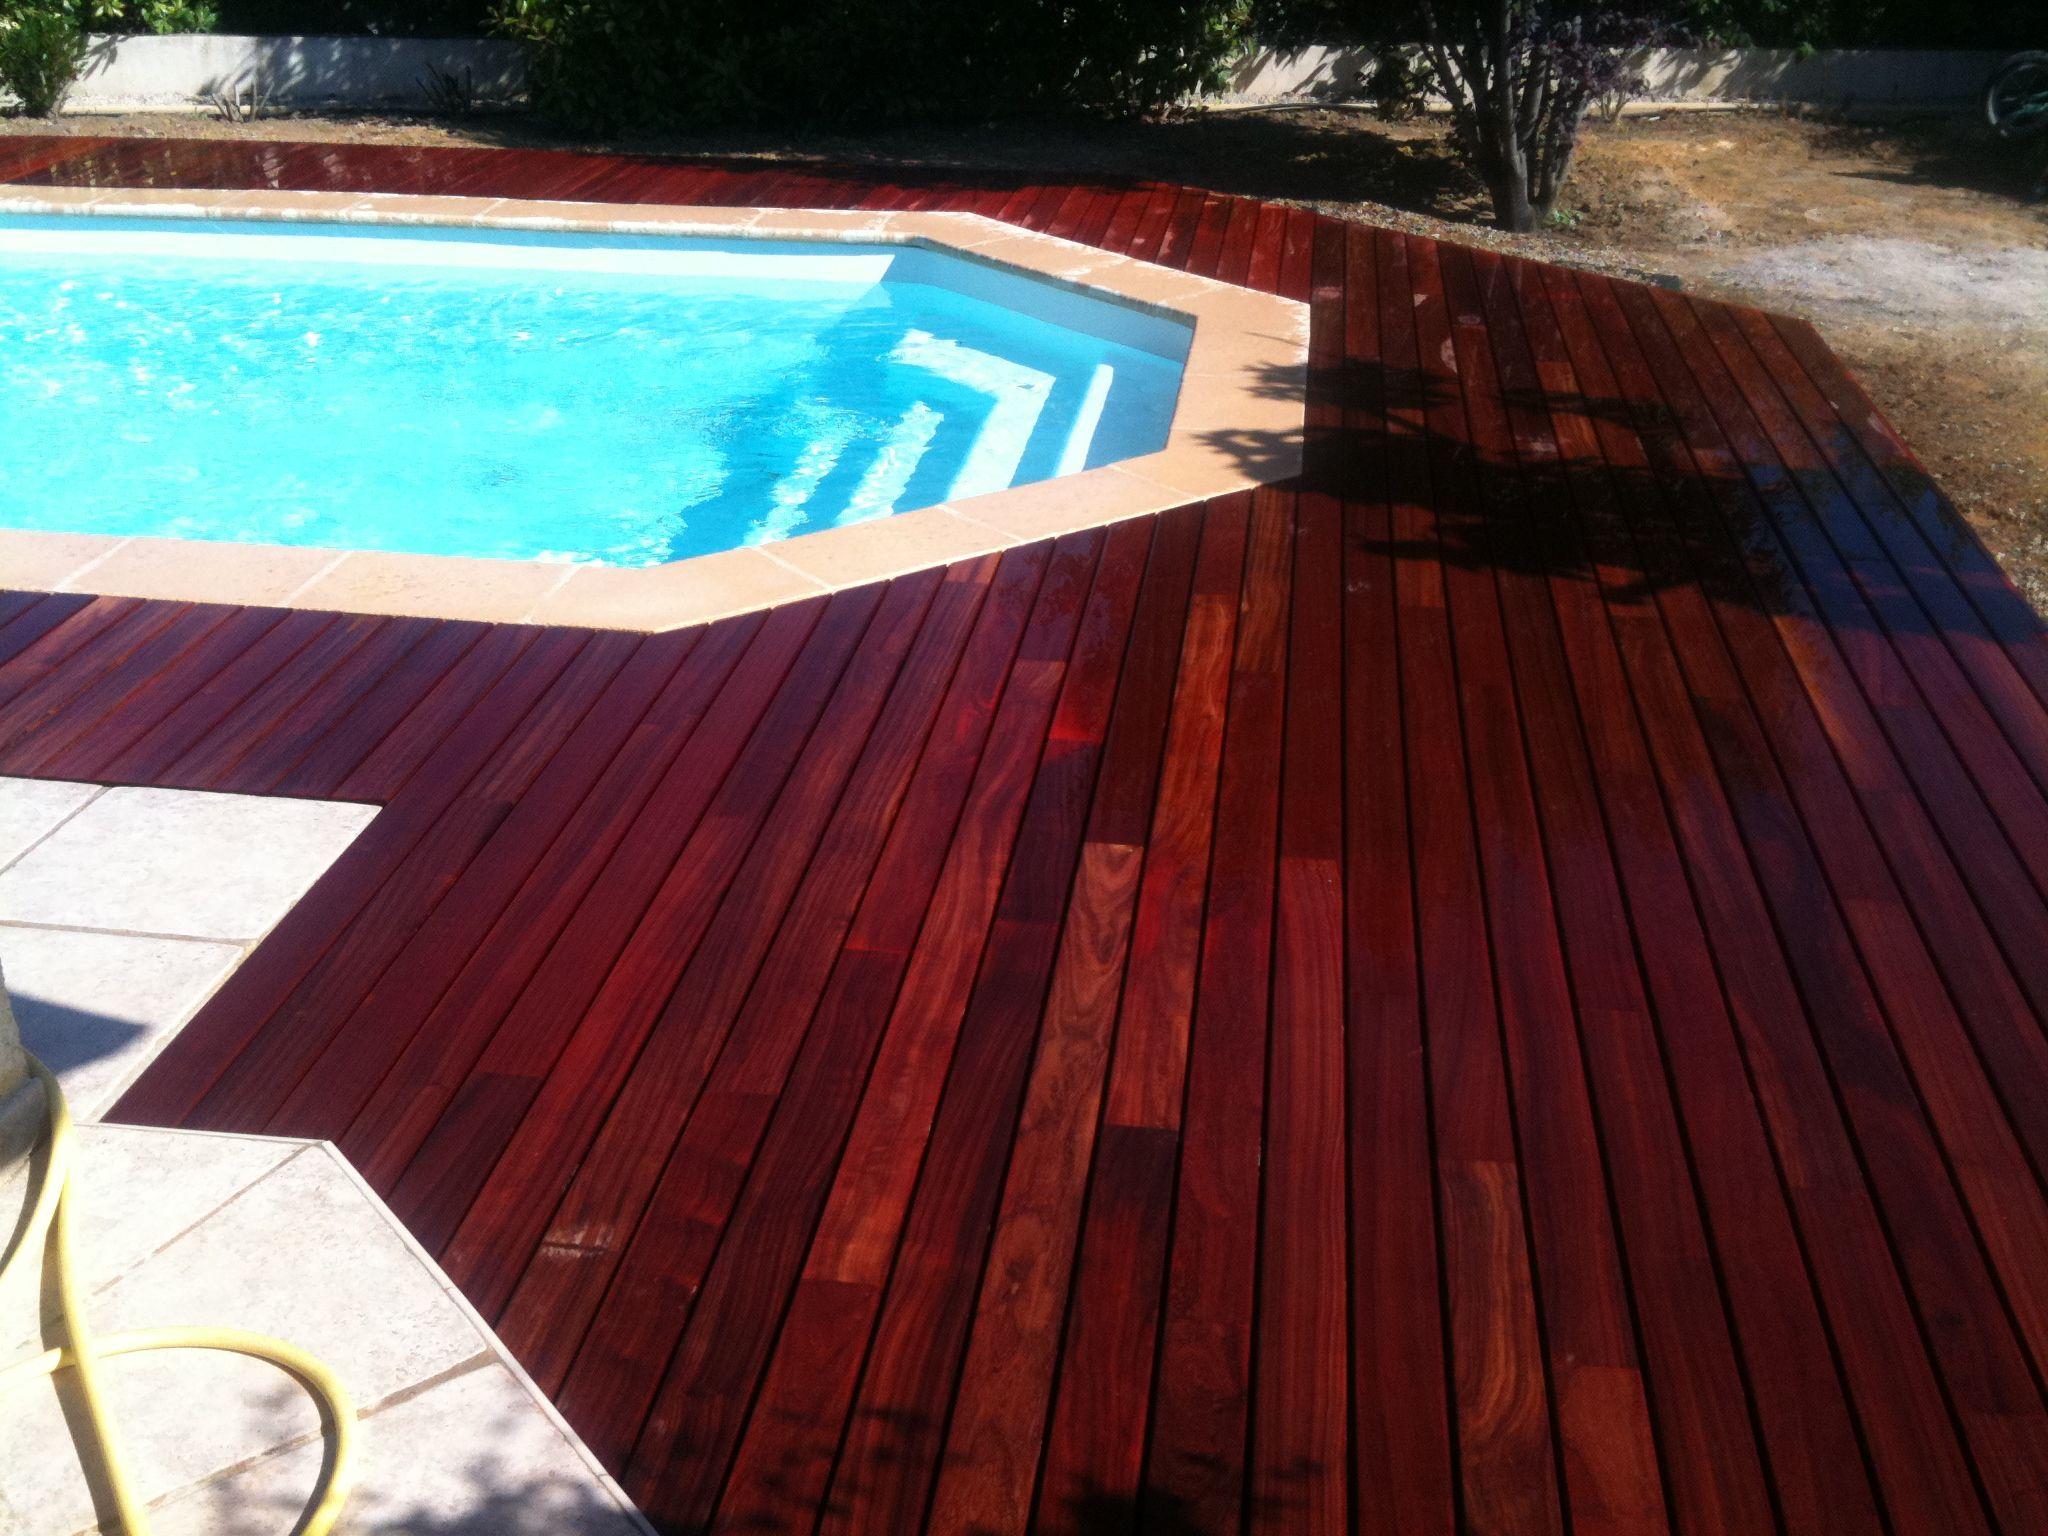 Terrasse de piscine en Padouk visserie cachée avec margelle